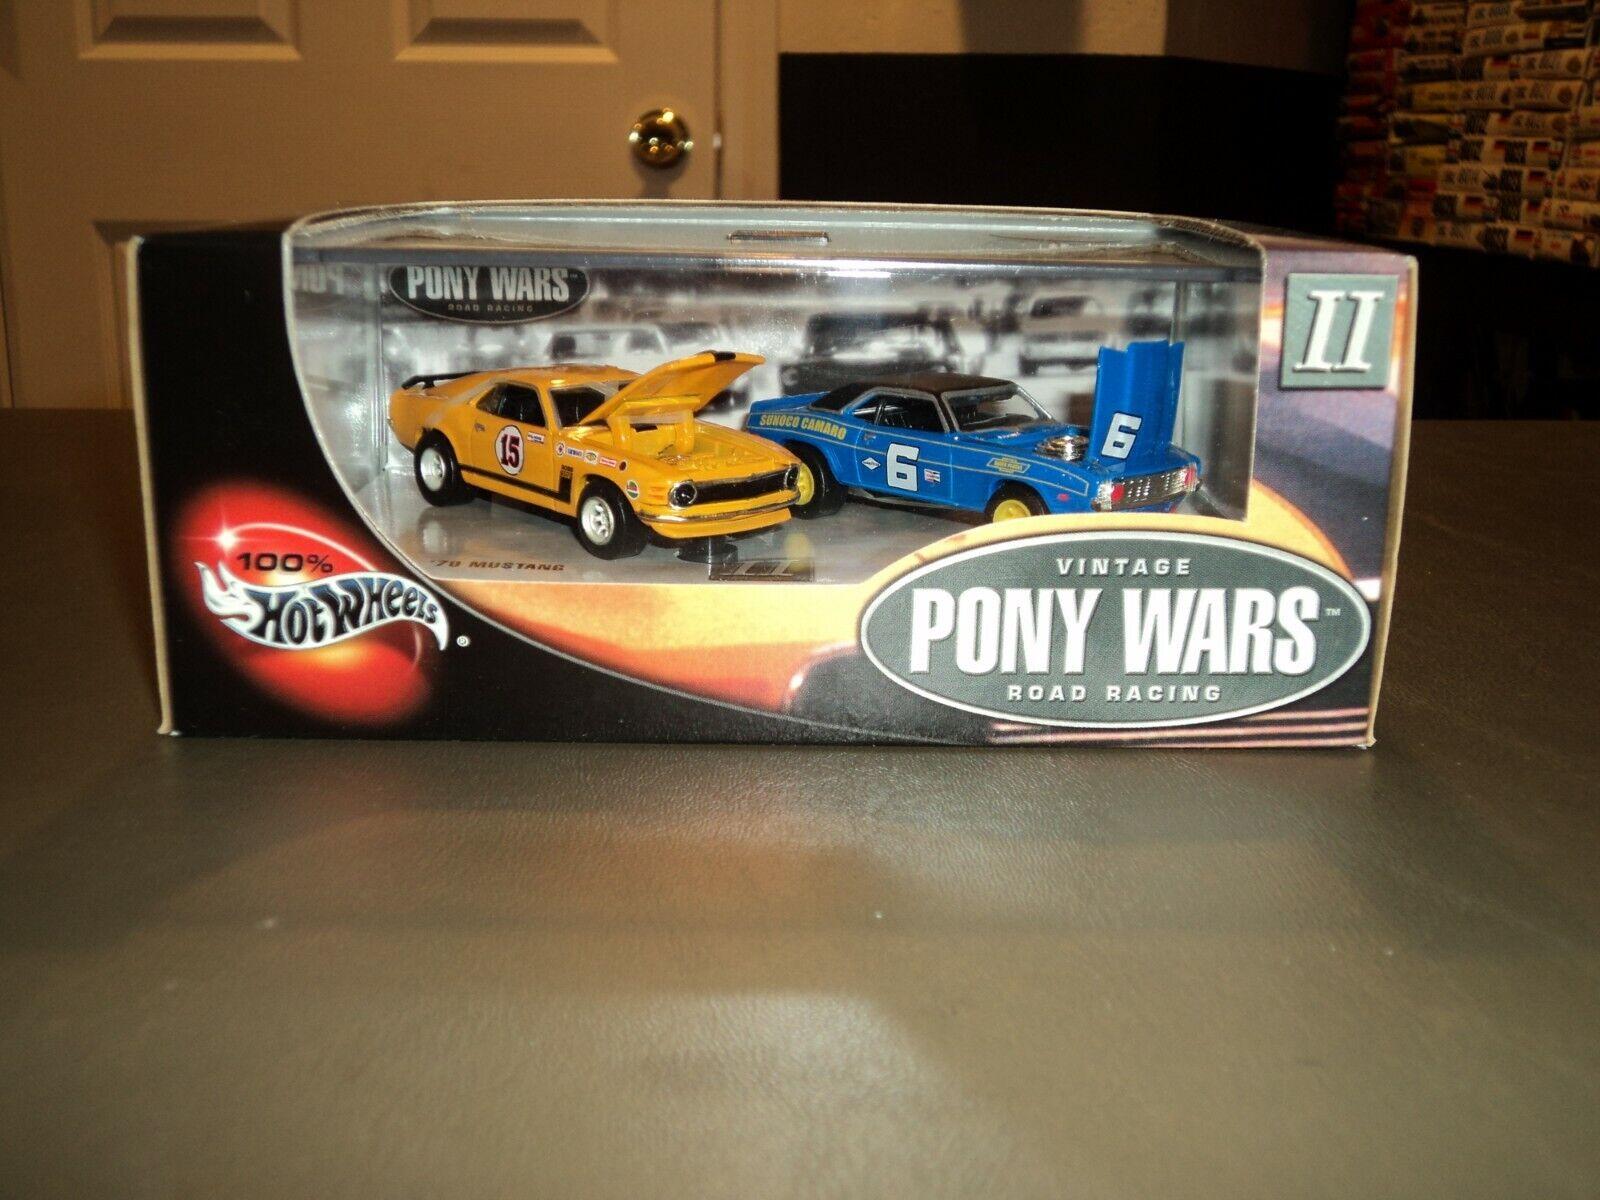 Nuevo 100% Hot Wheels Antiguo Pony Wars II carreras de carretera 53969 con caja de presentación